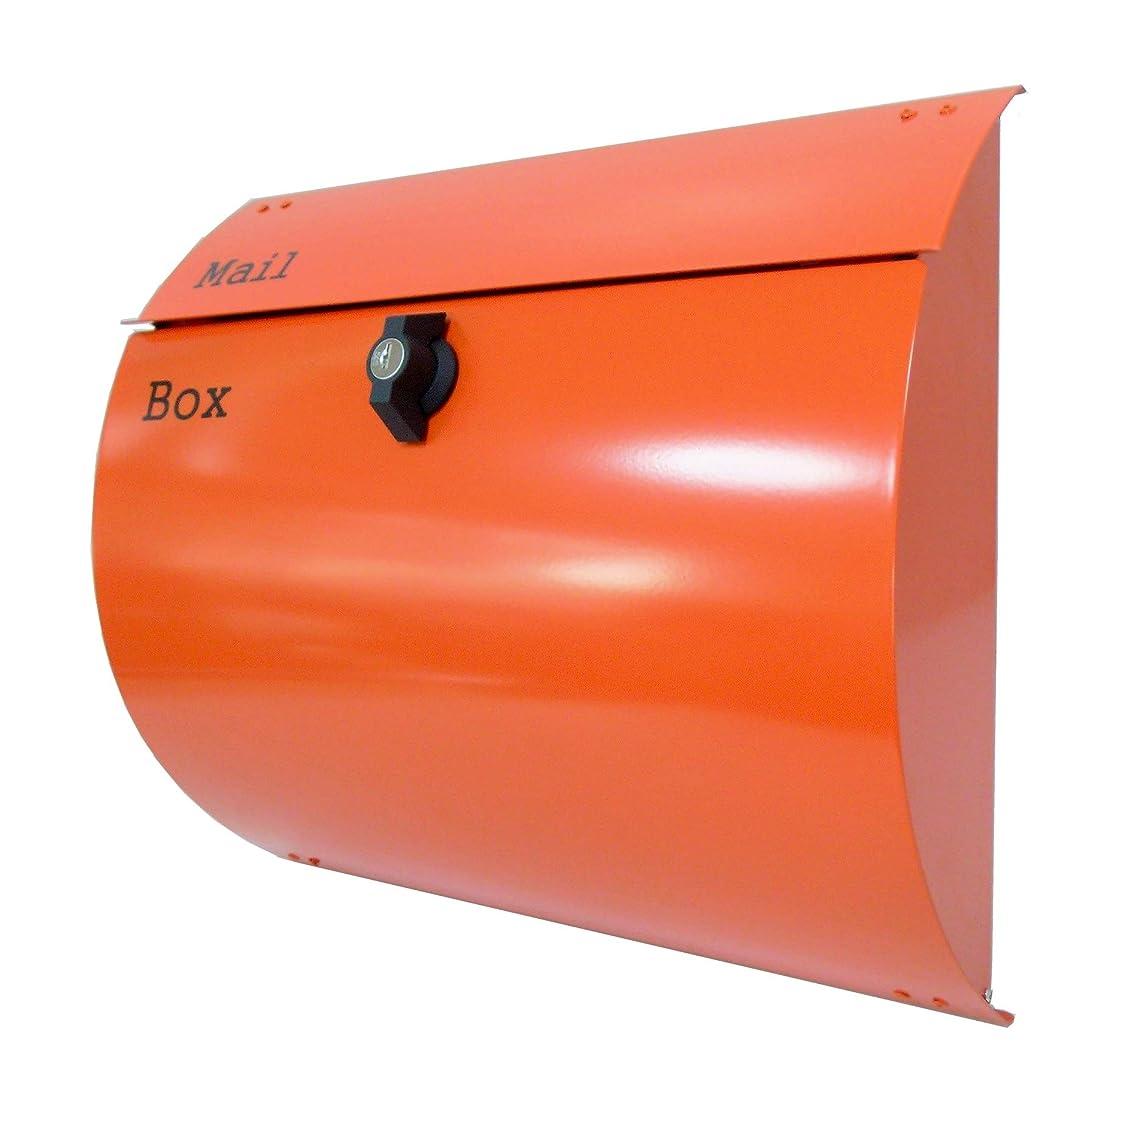 出くわす凝縮するクリープアイホーム(Ihome) 郵便ポスト 06-1 pm063-1 大容量 オレンジ 奥行12×高さ33×幅38cm